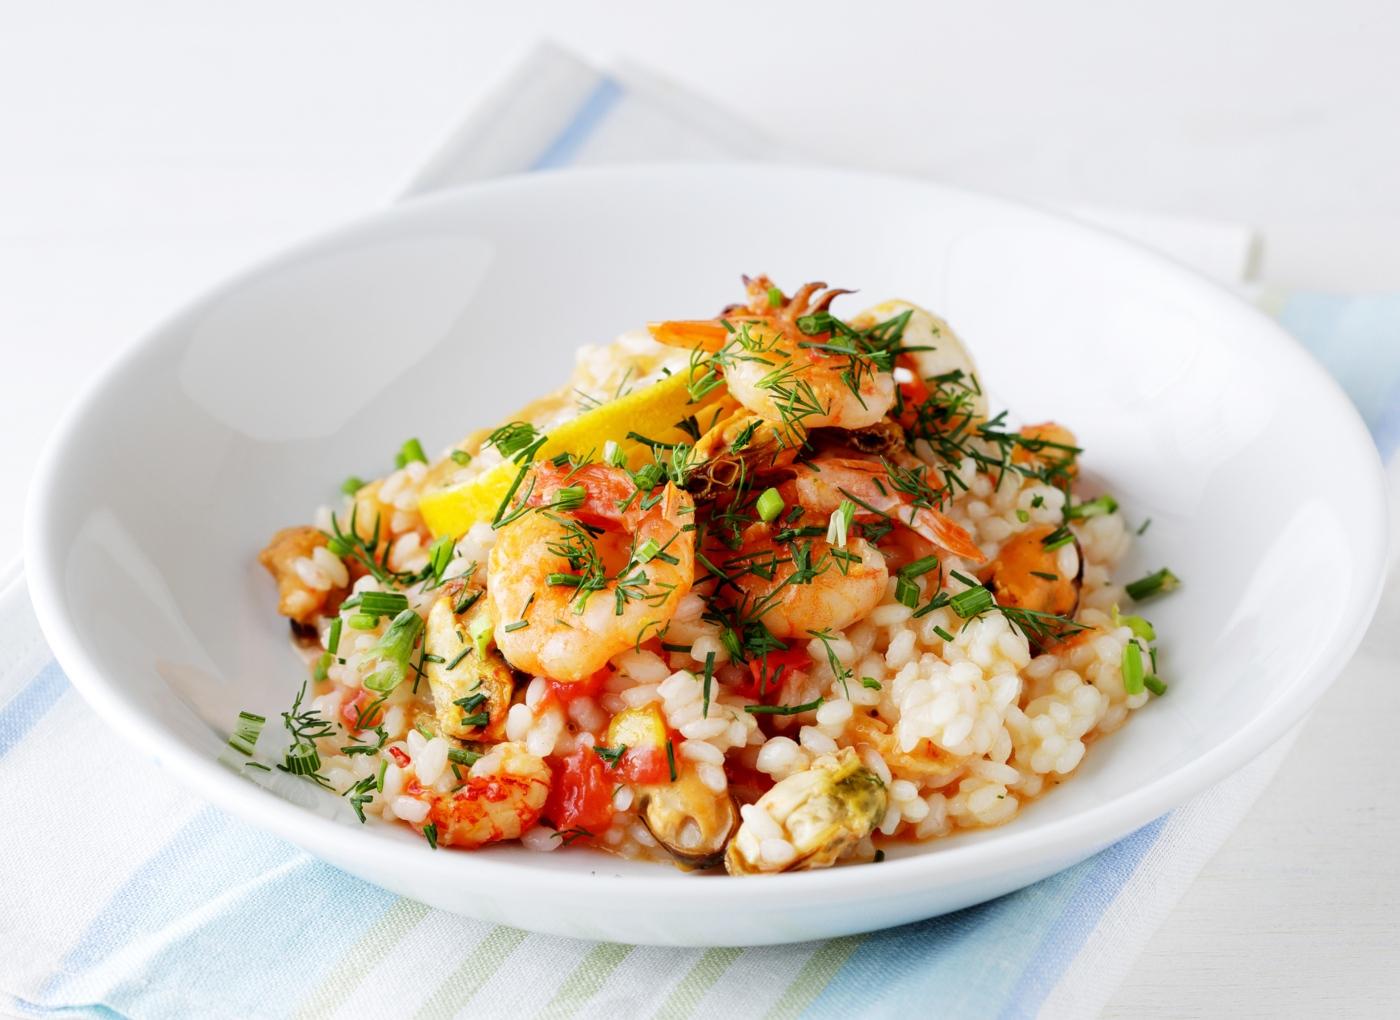 legumes salteados com camarão